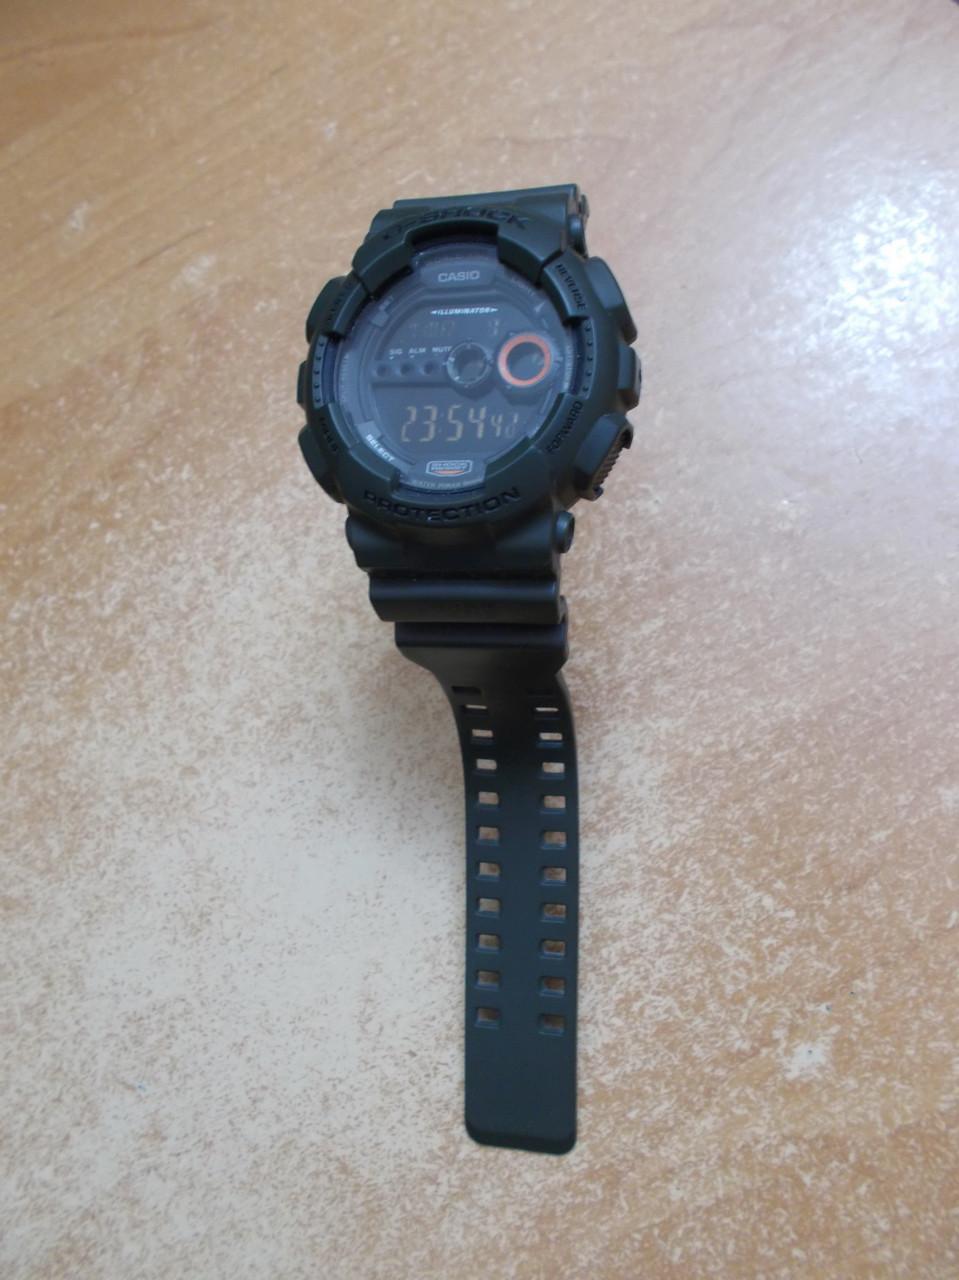 Стандартные объявления. Чоловічий годинник CASIO GD-100MS-3ER(Гарантія) d89d416016050